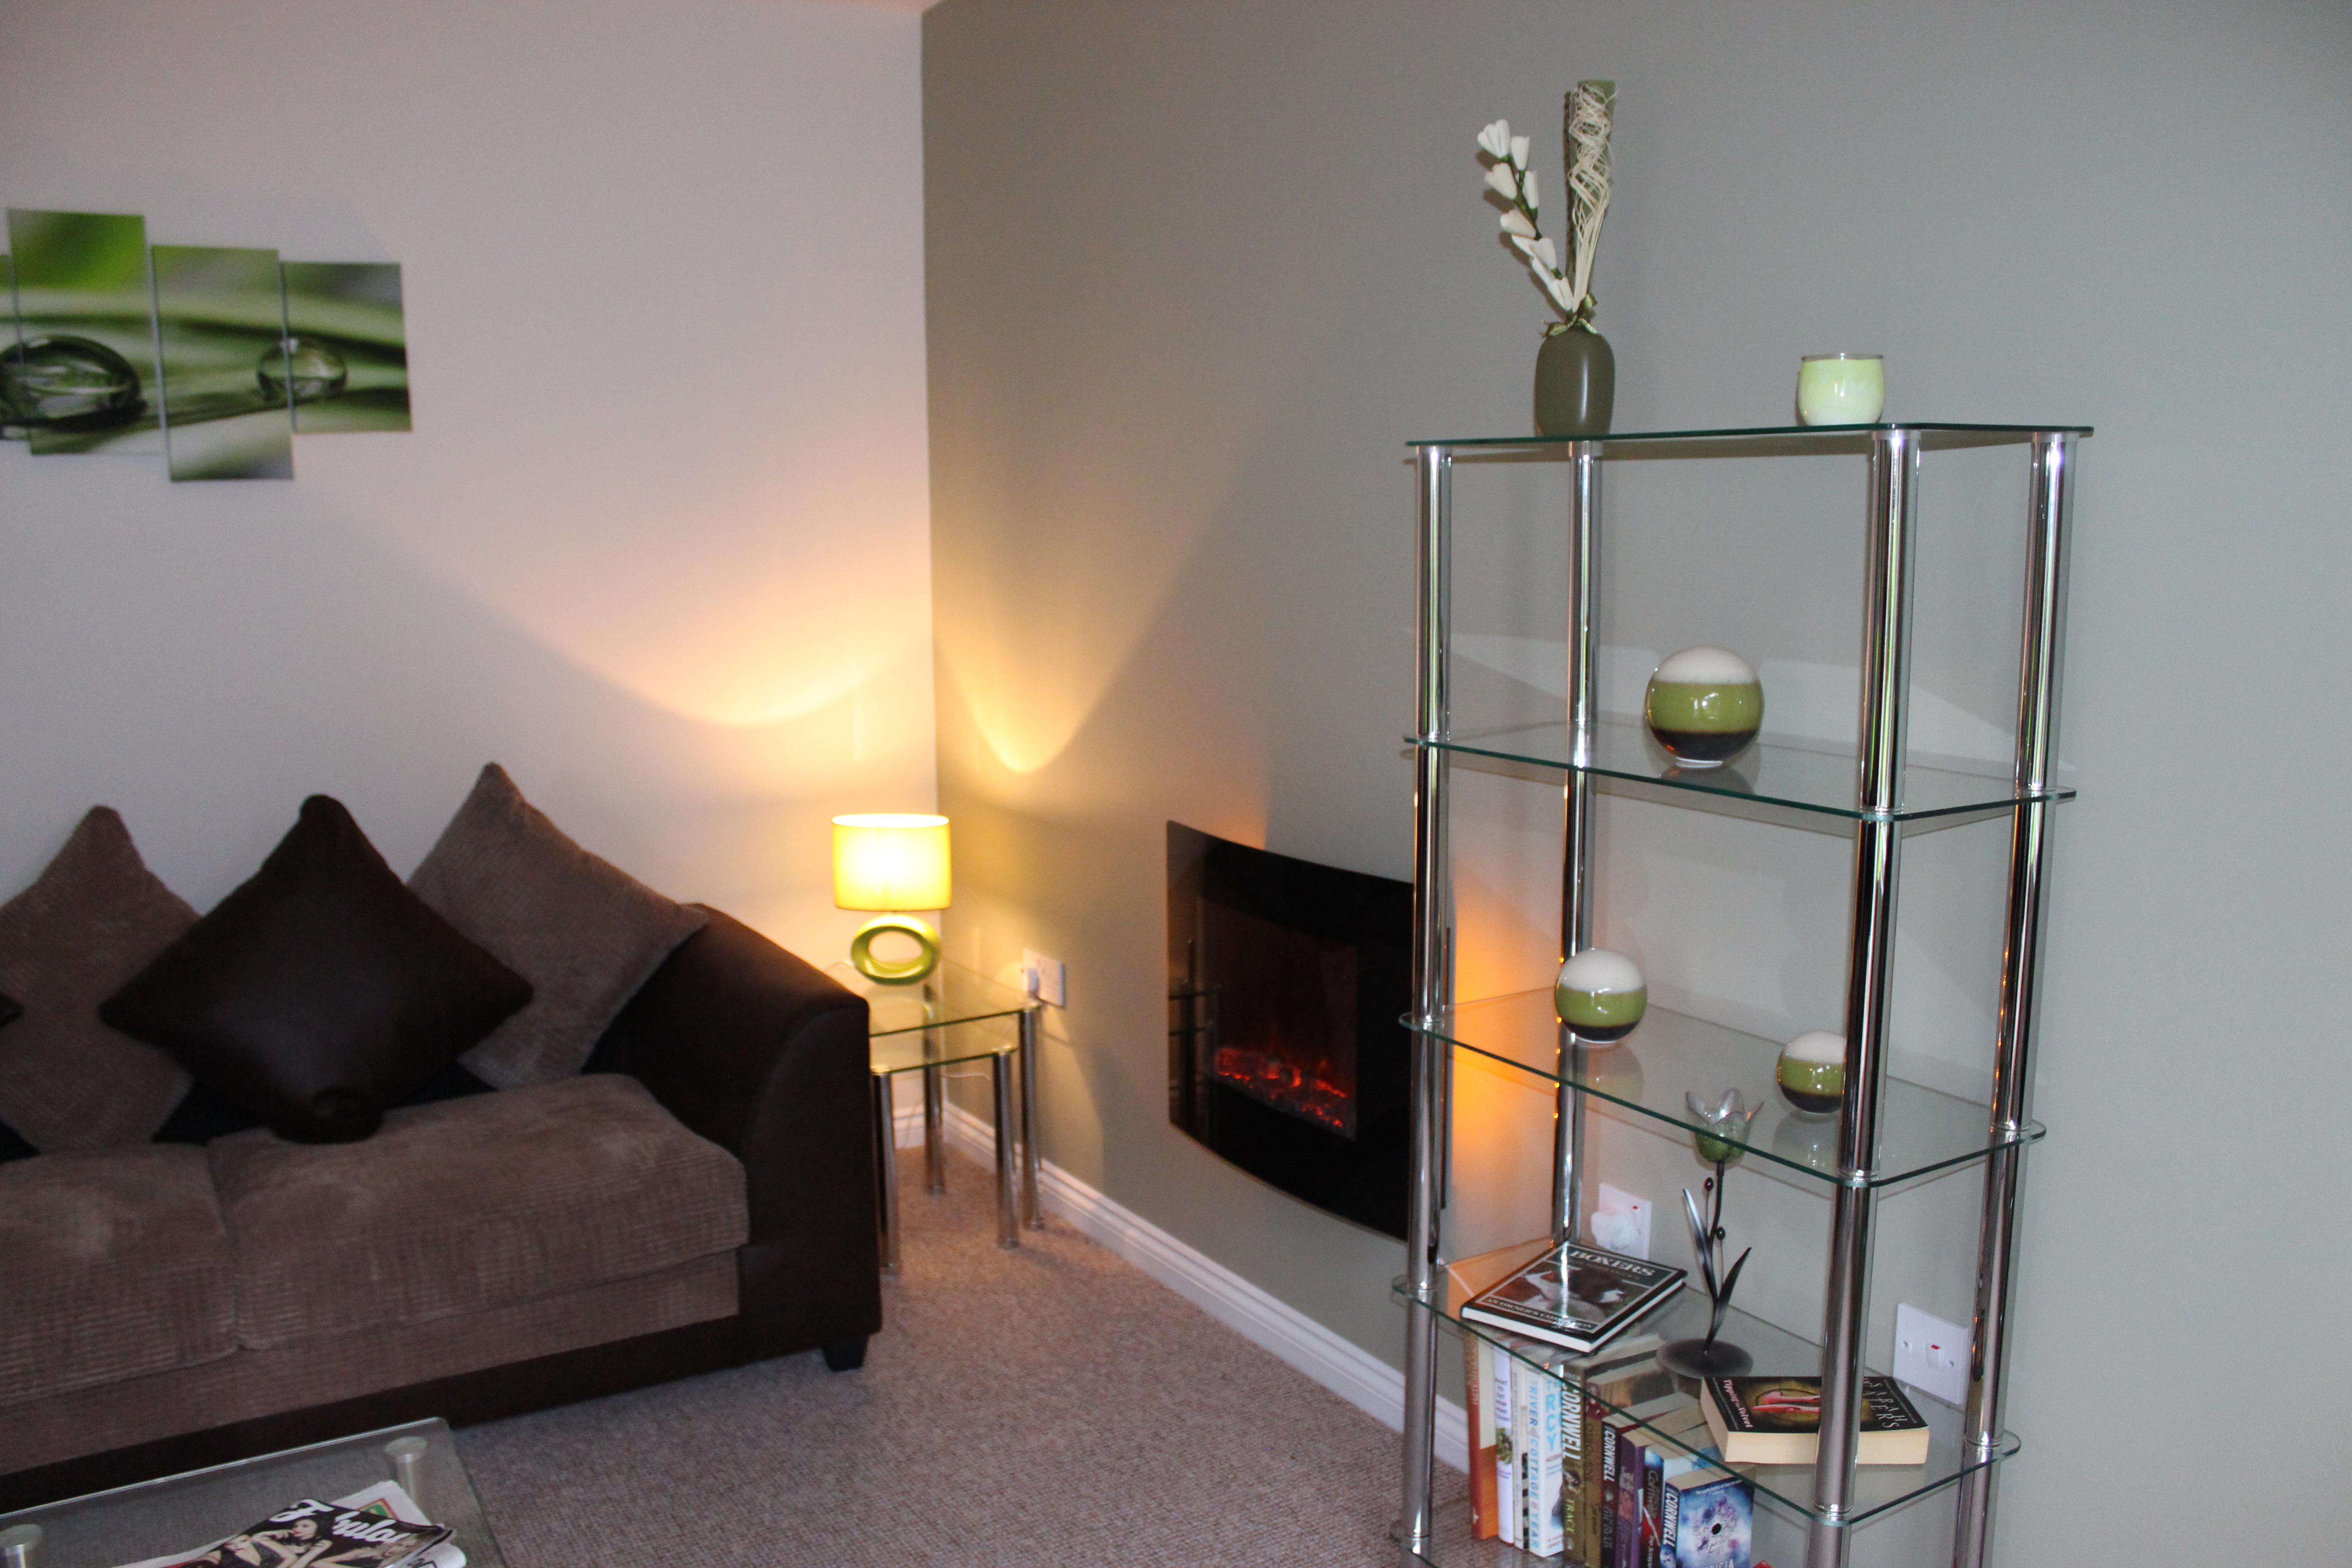 Premier furniture company case study